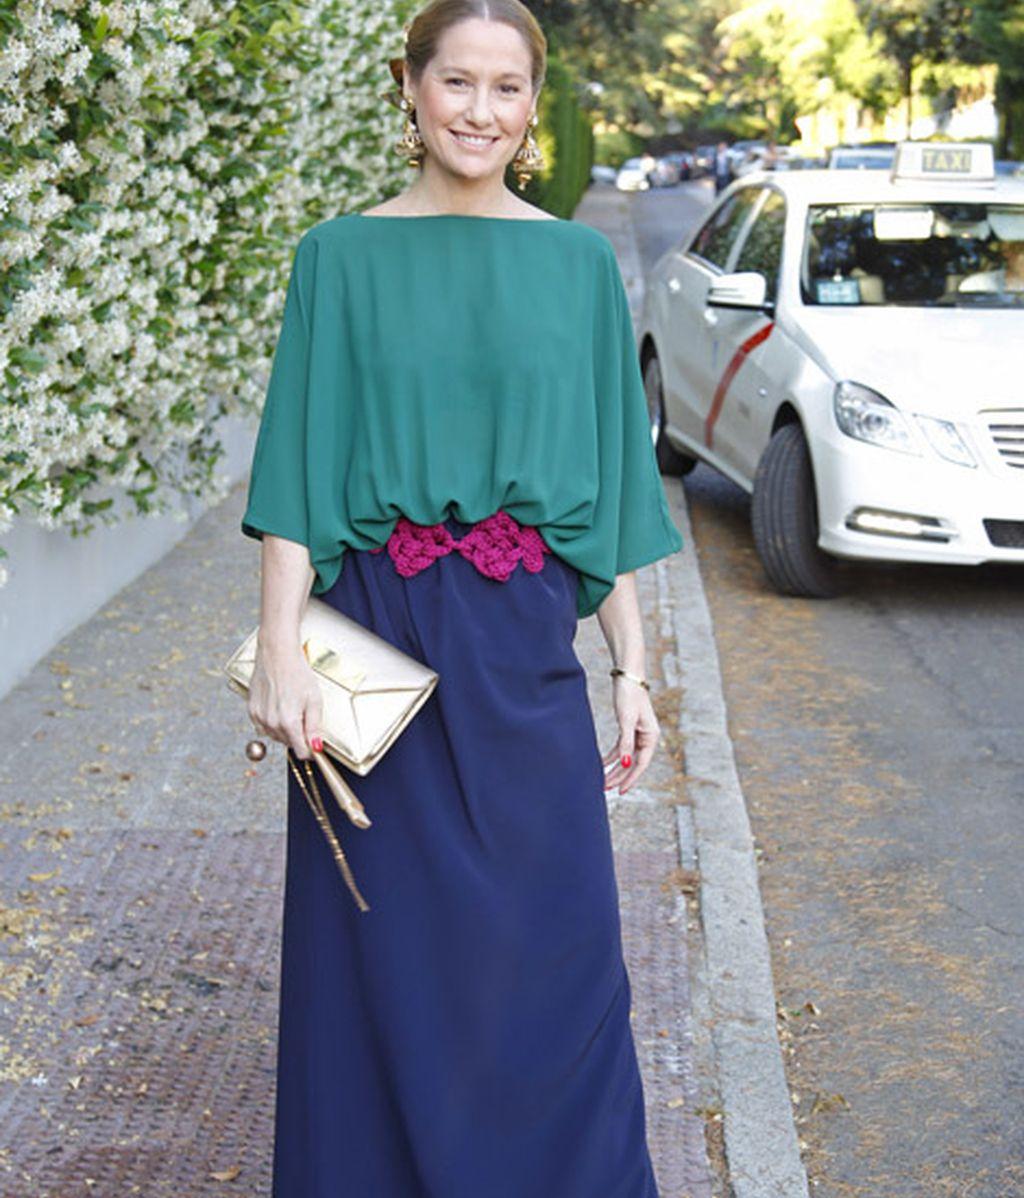 Fiona Ferrer quiso acompañar a la ex marquesa de Iria Flavia